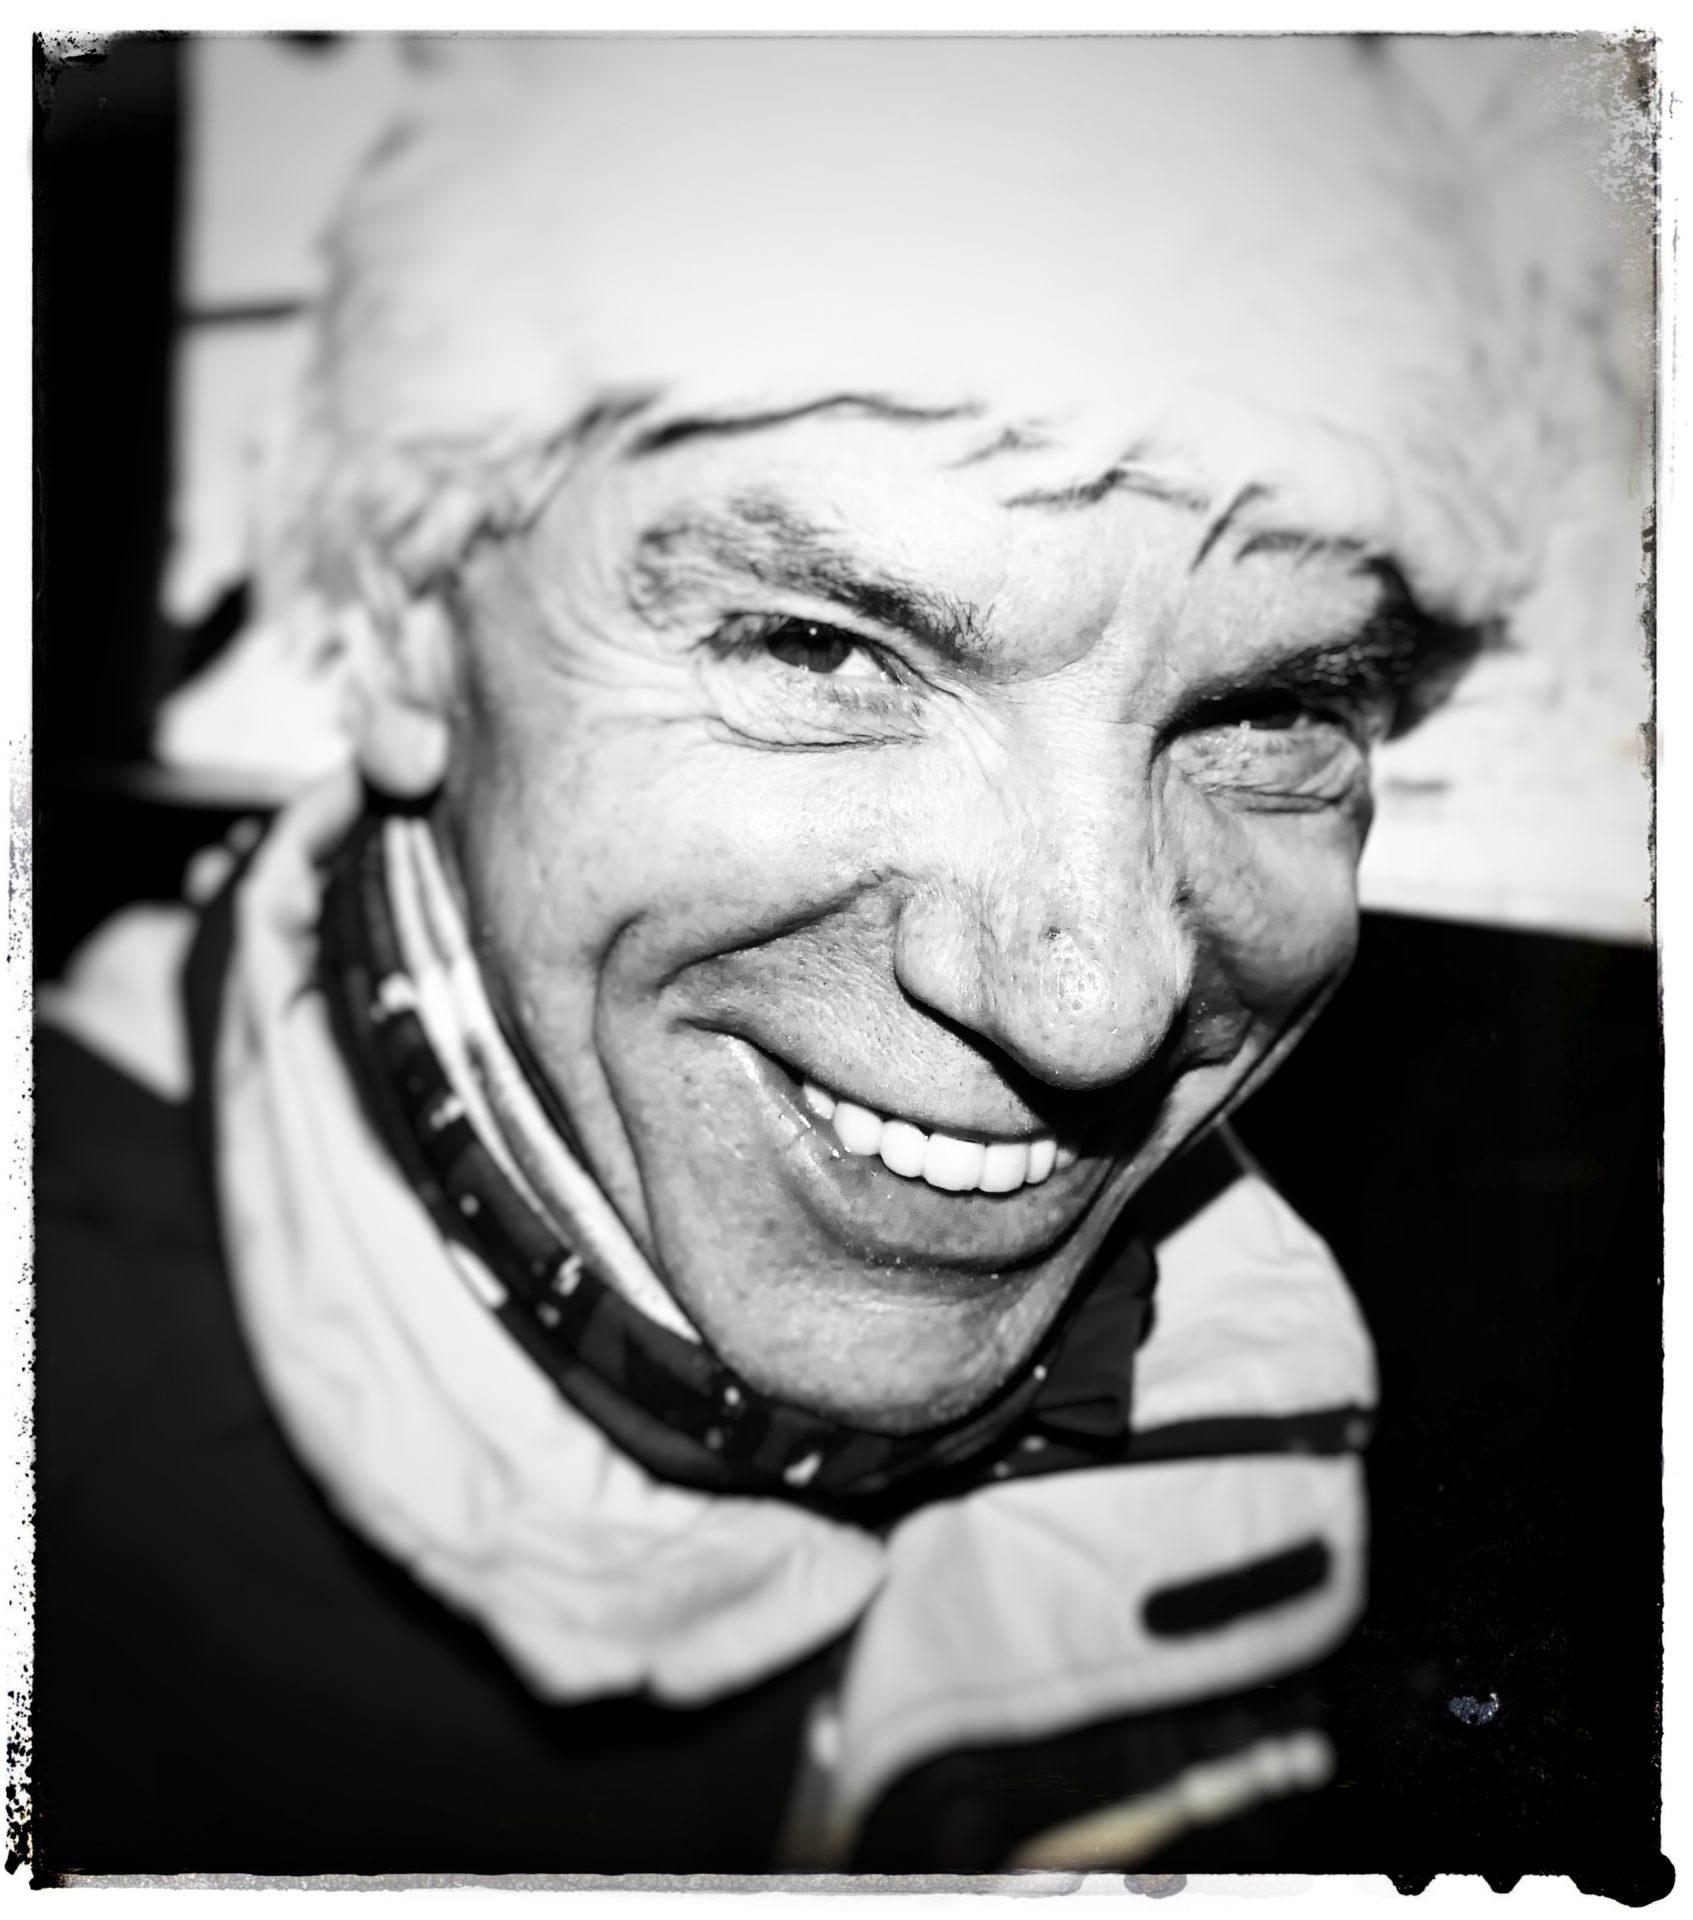 Weihnachtsmann-Dieter 2014-02